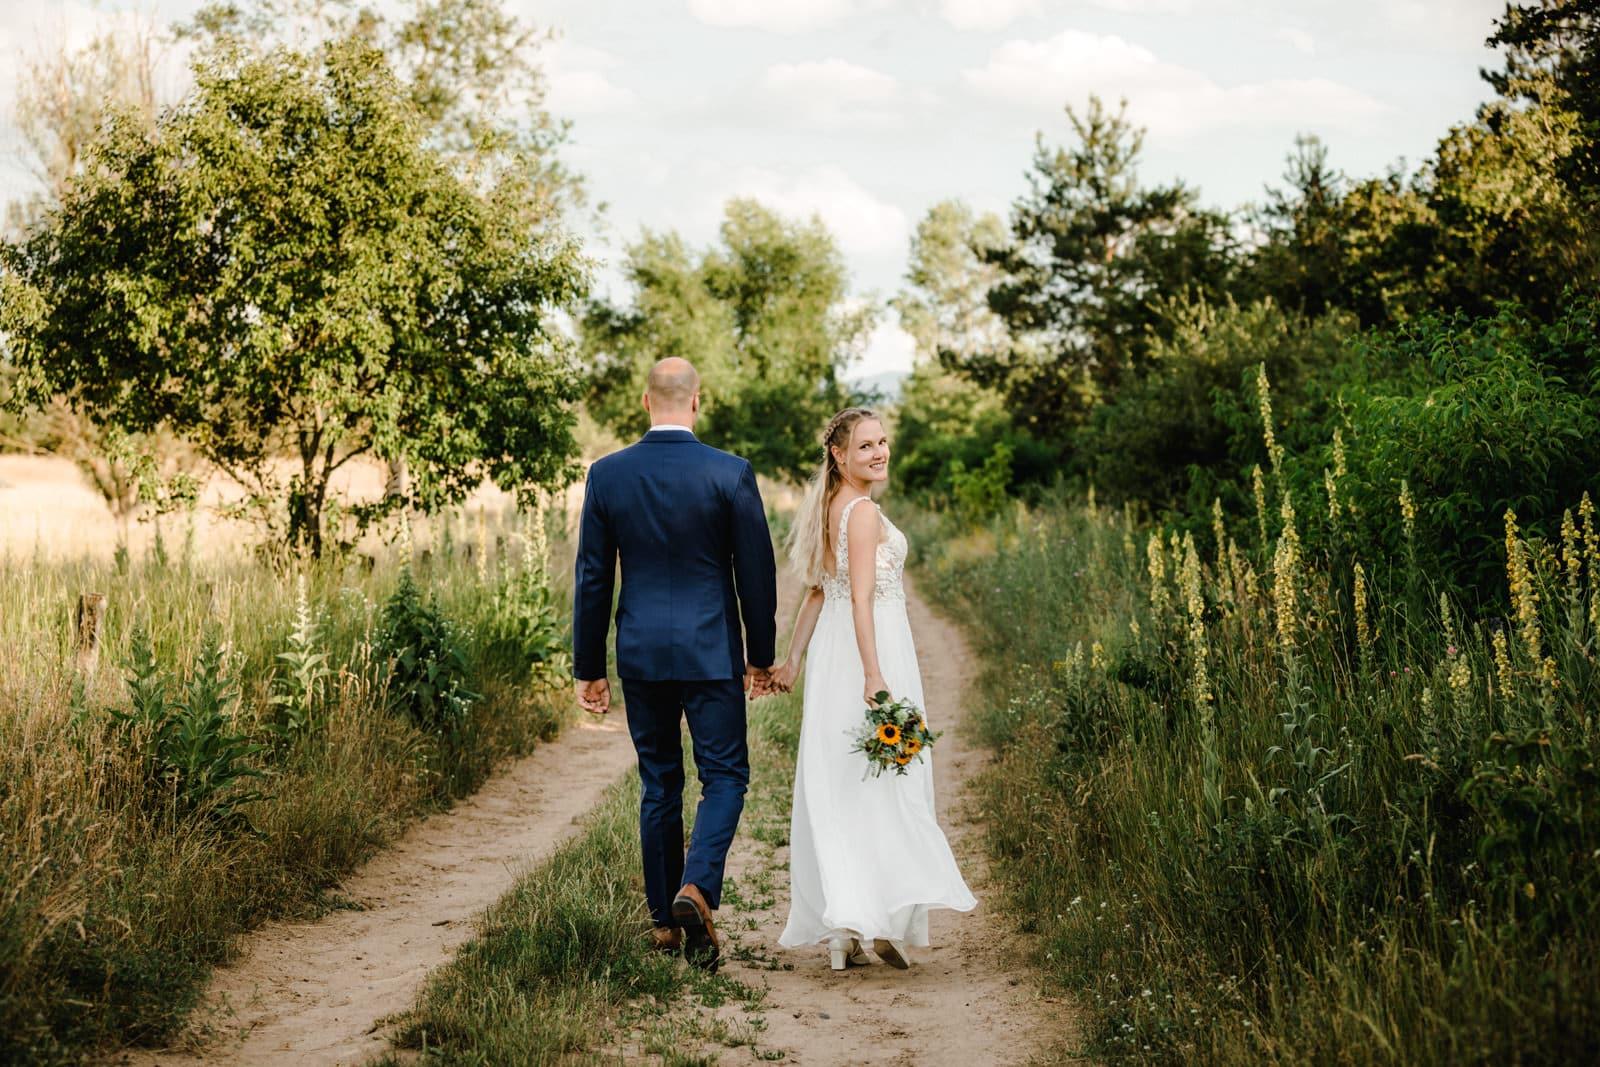 Brautpaar läuft Hand in Hand auf Feldweg im grünen entlang.